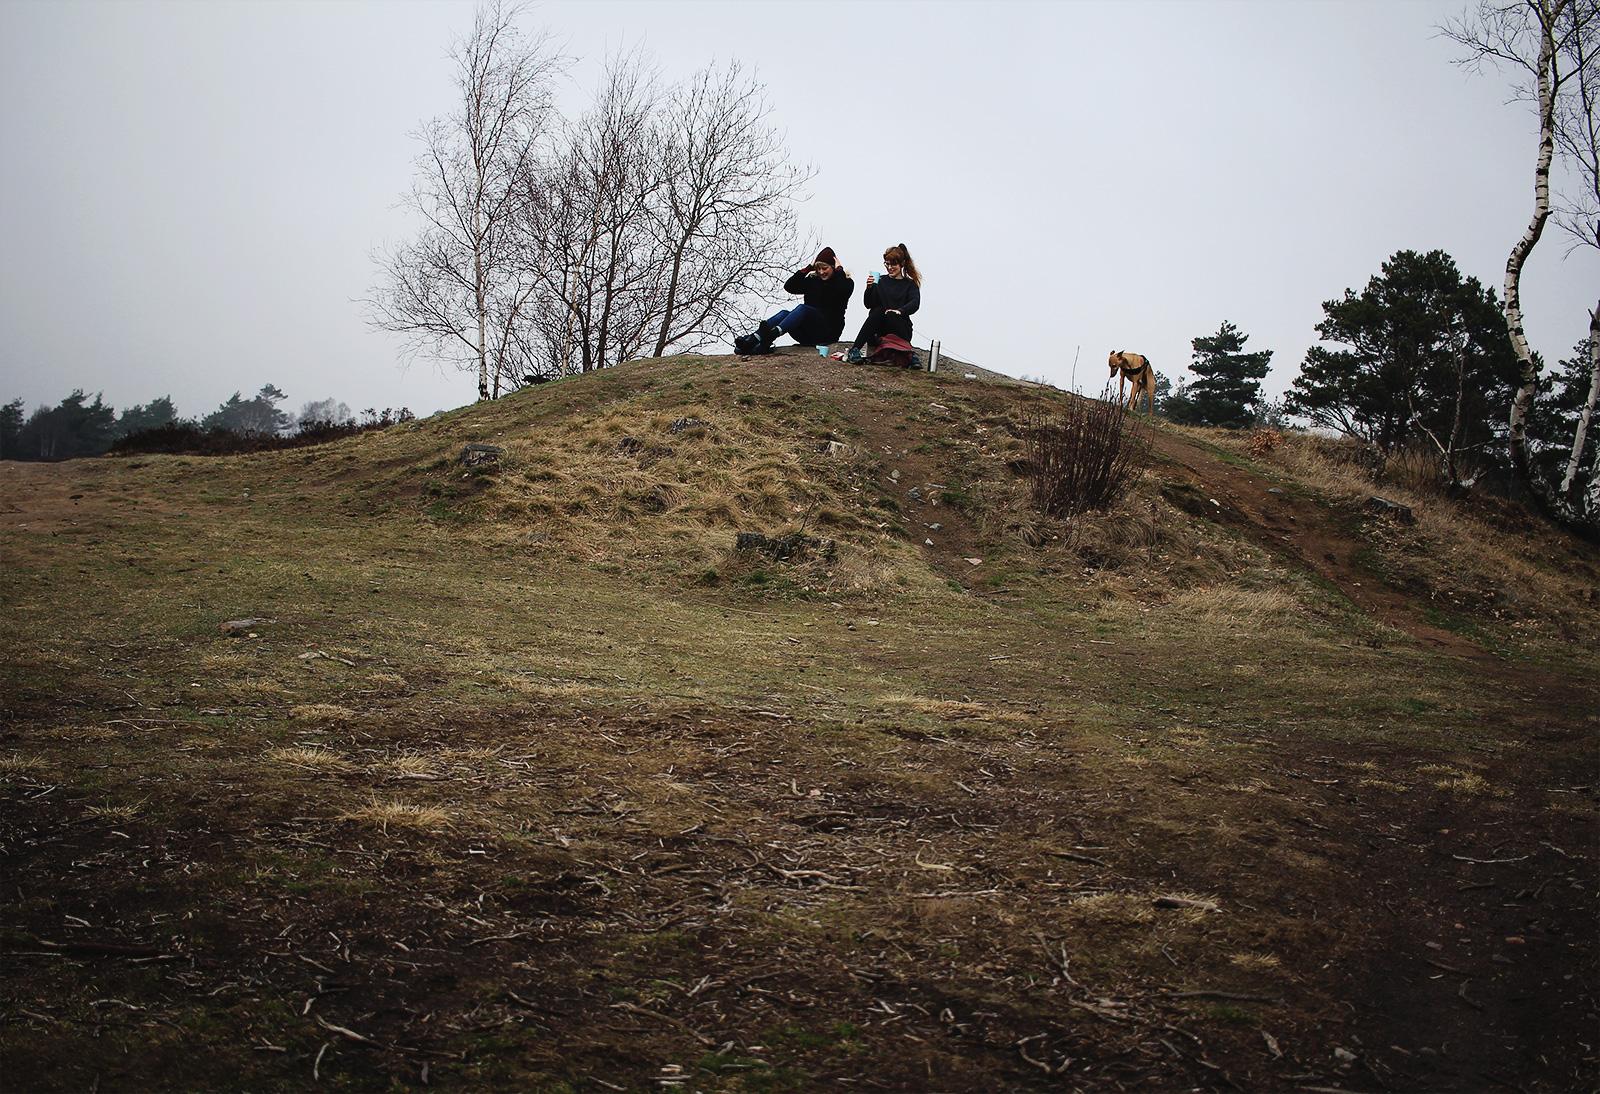 anggardsbergen-april-12